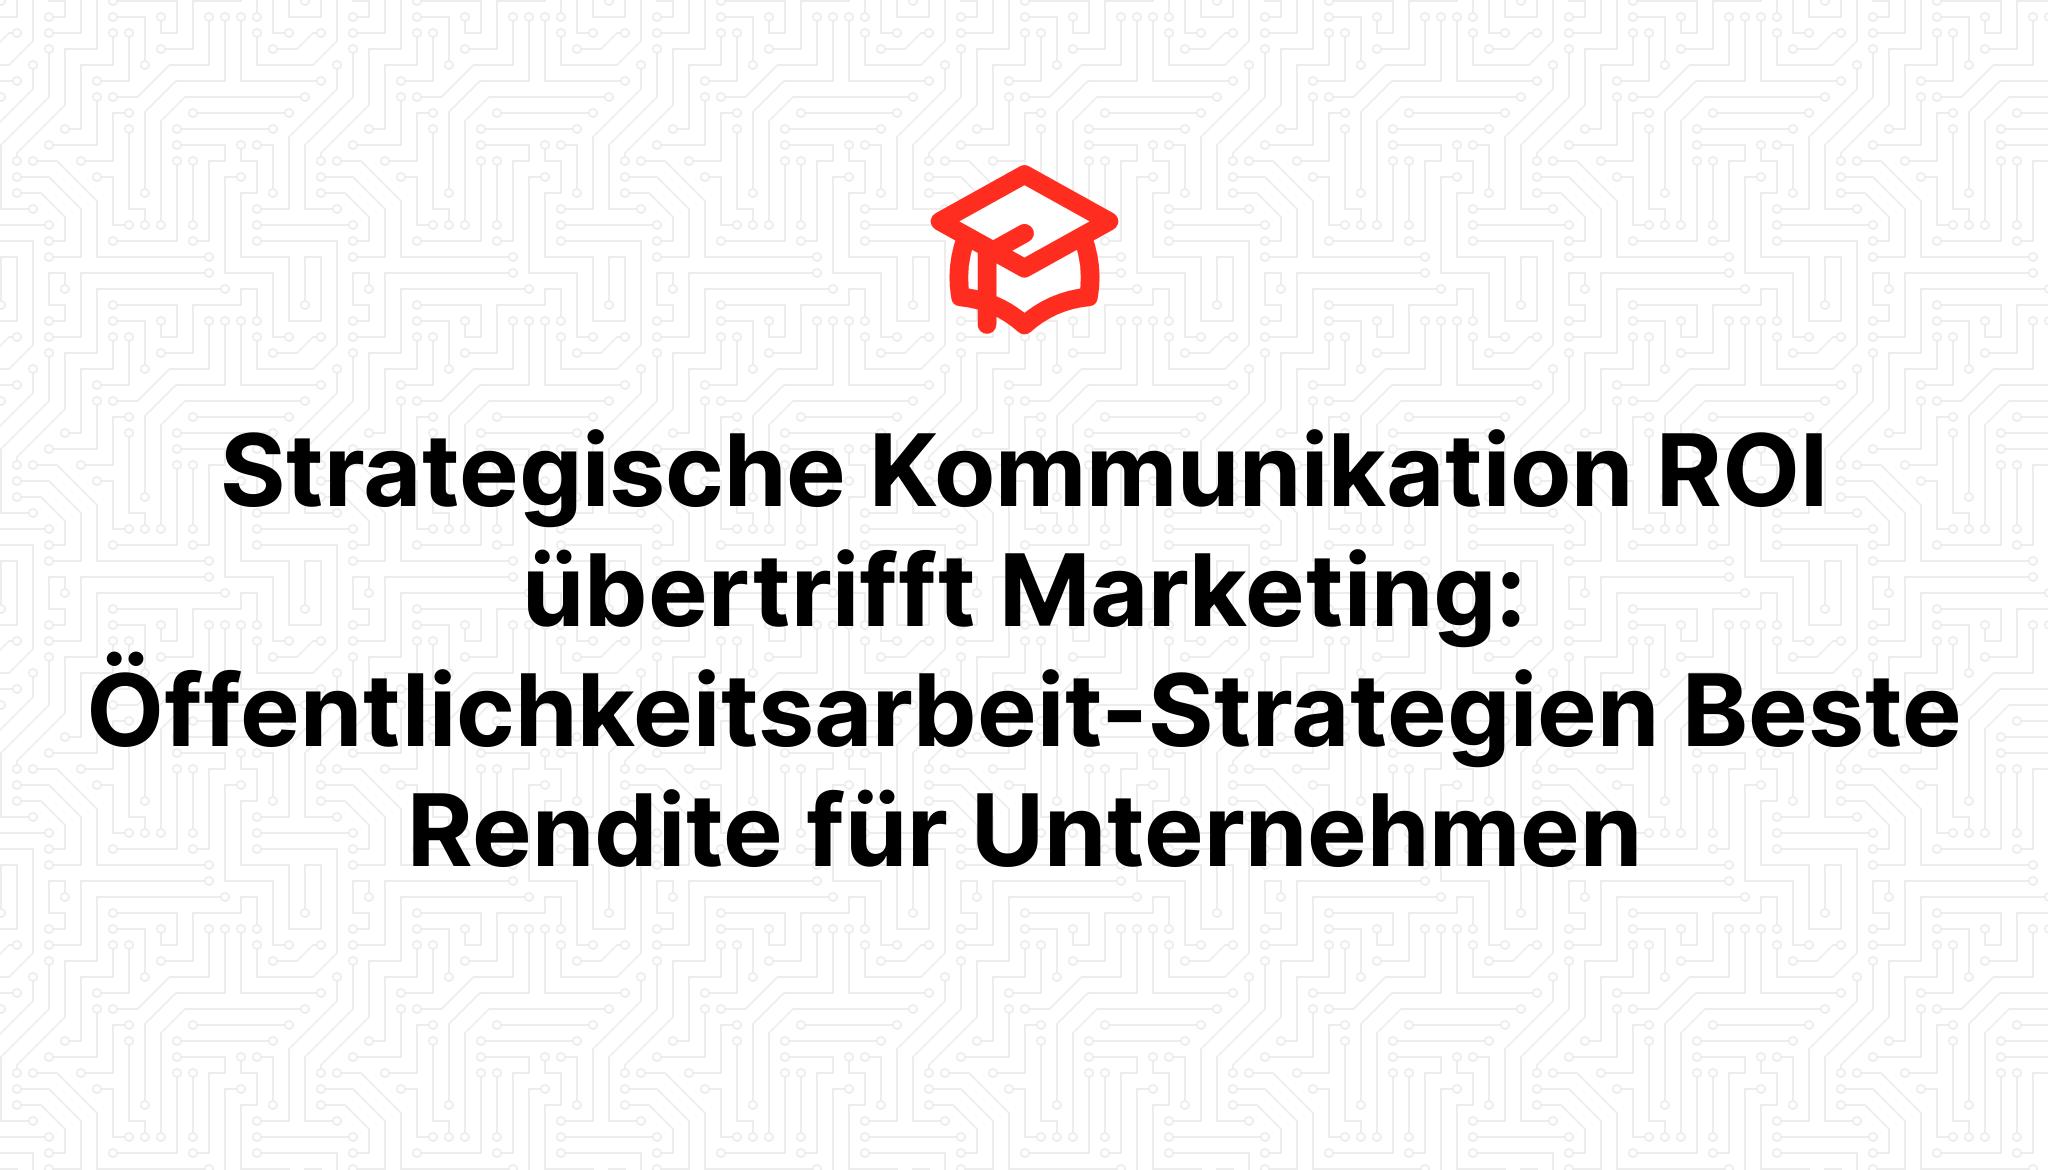 Strategische Kommunikation ROI übertrifft Marketing: Öffentlichkeitsarbeit-Strategien Beste Rendite für Unternehmen